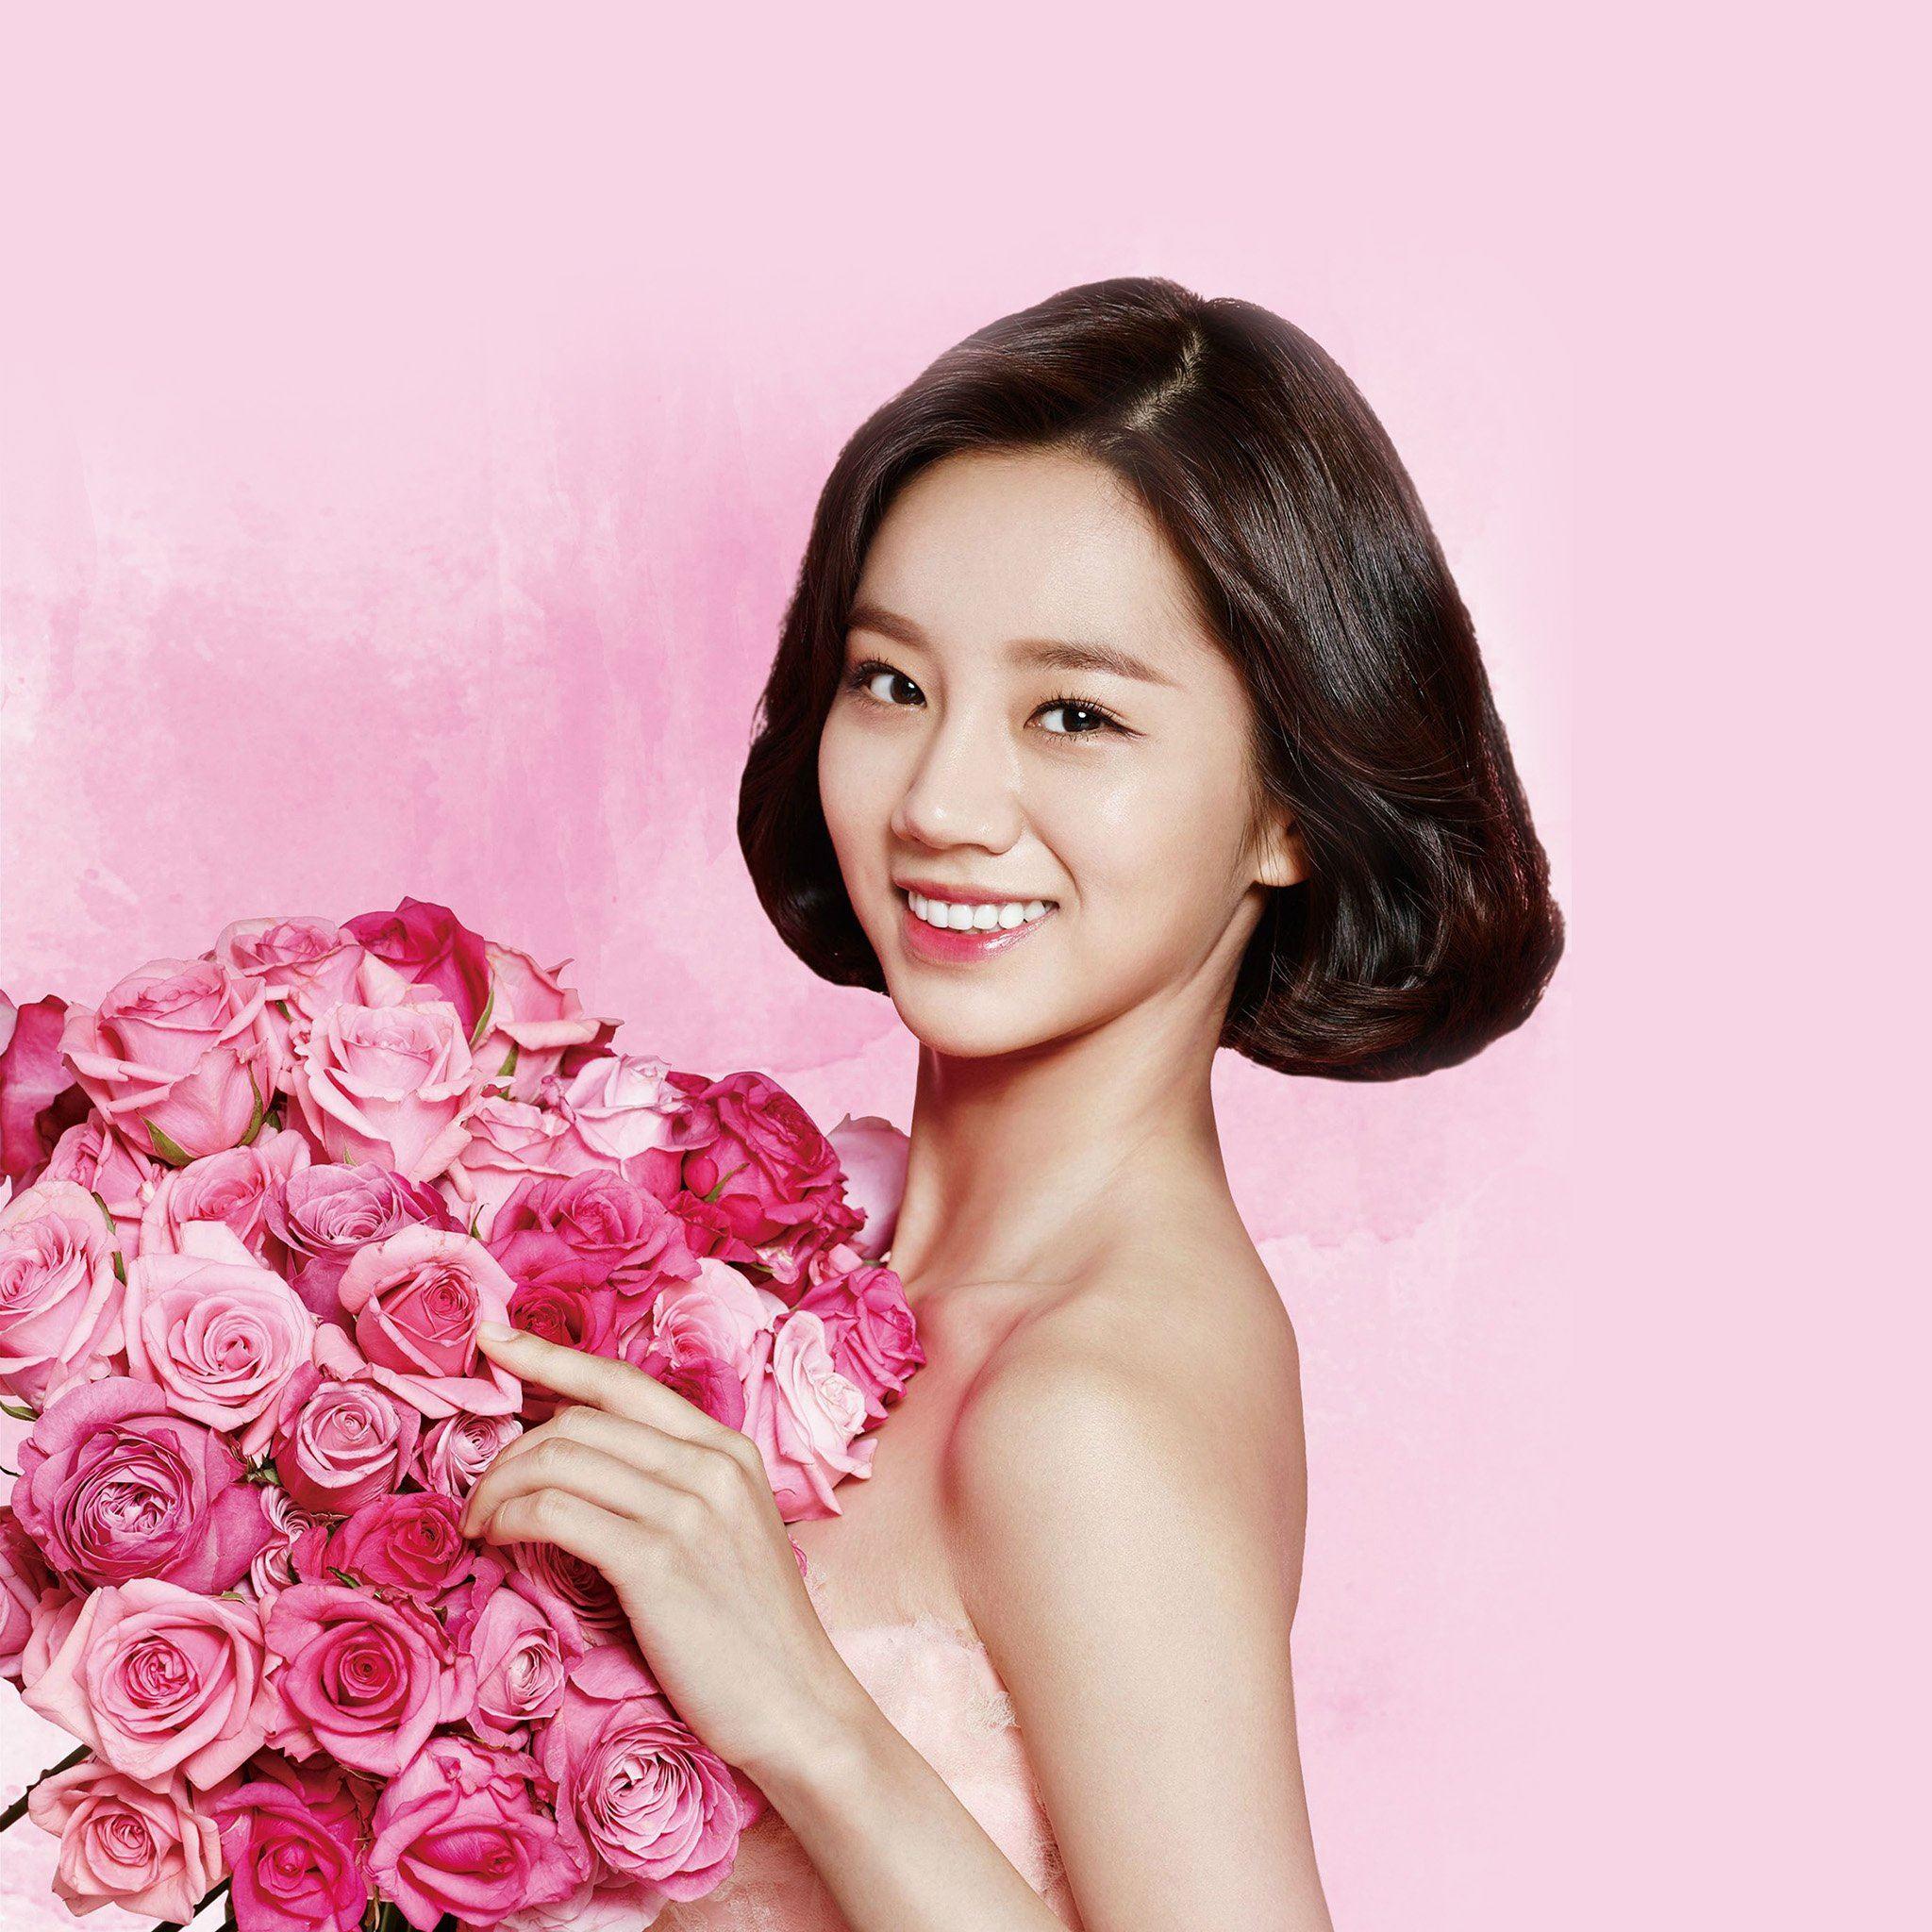 Flower Hyeri Cute Pink Kpop Girl Ipad Air Wallpapers Free